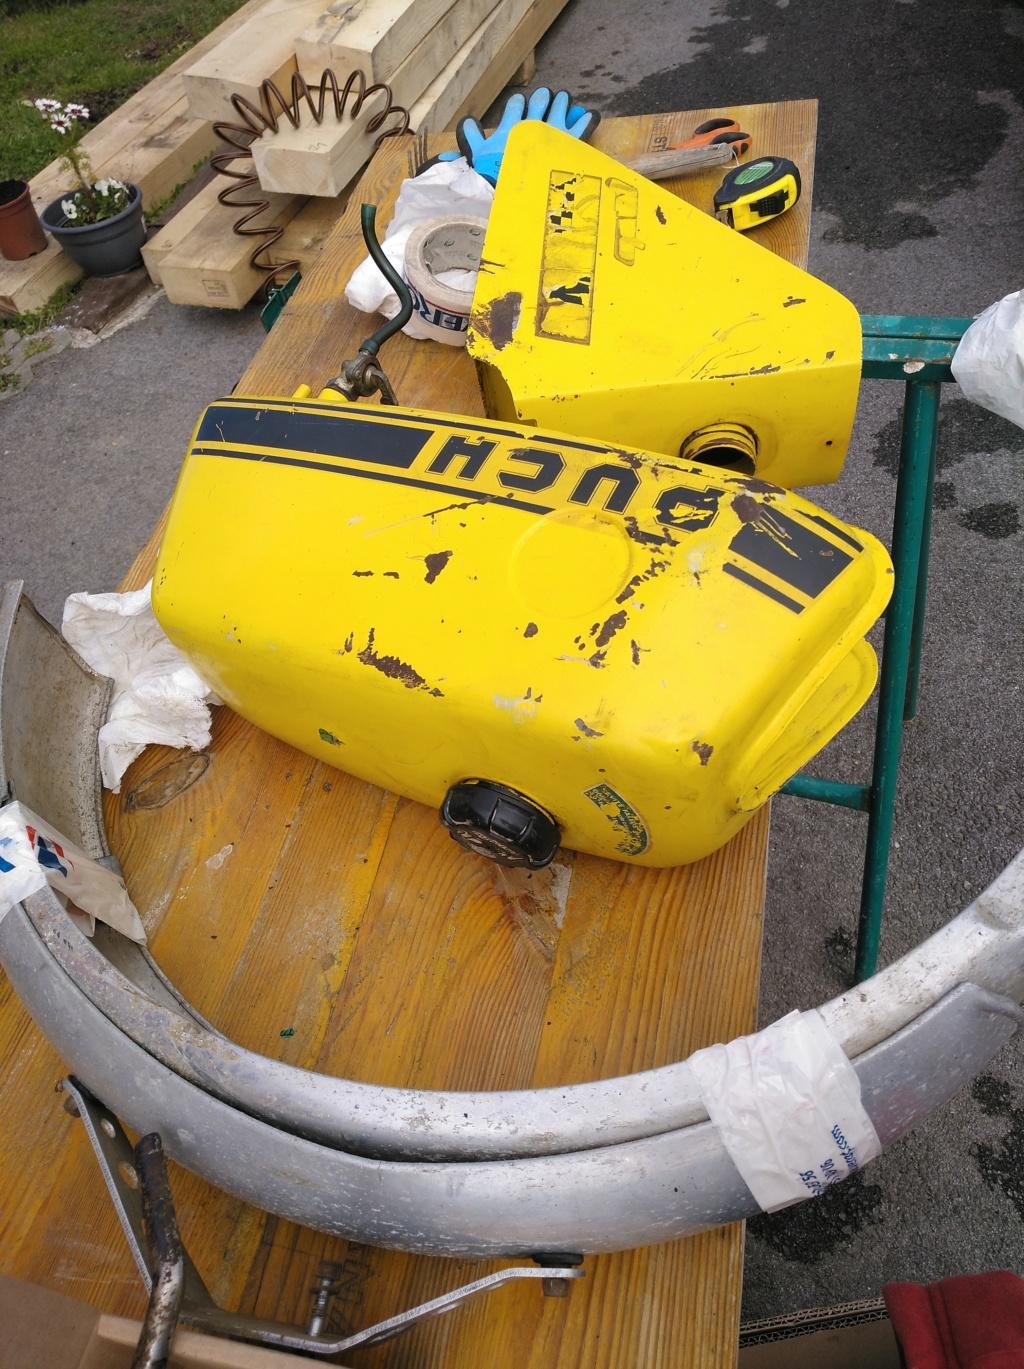 Restauración - Puch MC 50 especial Img_2012